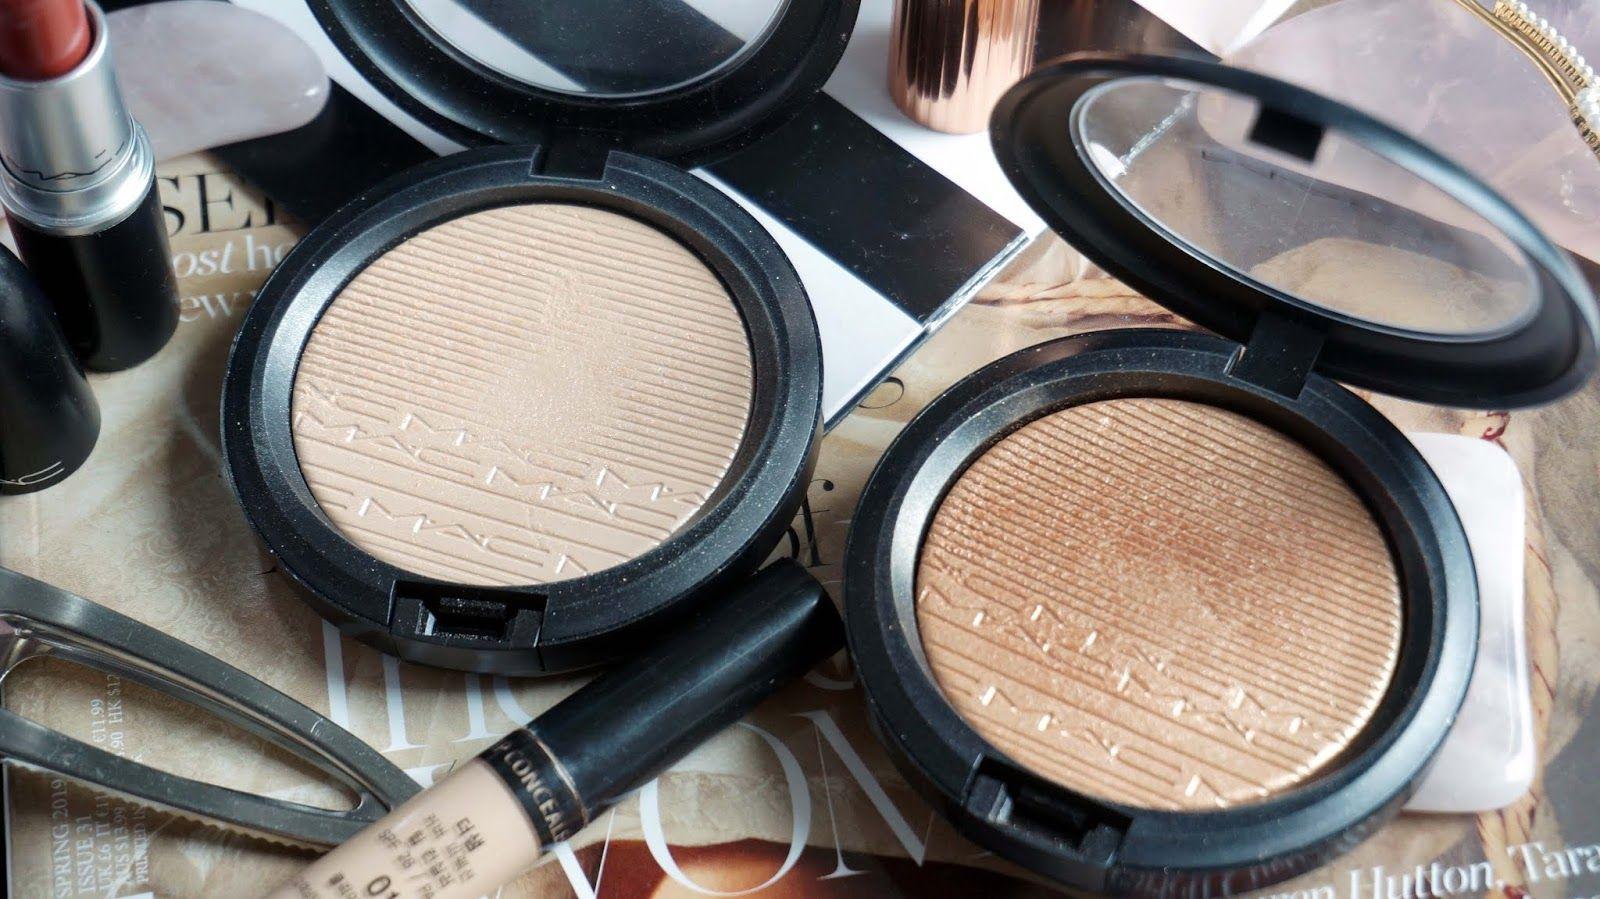 JOYCE LAU Current makeup favourites Favorite makeup